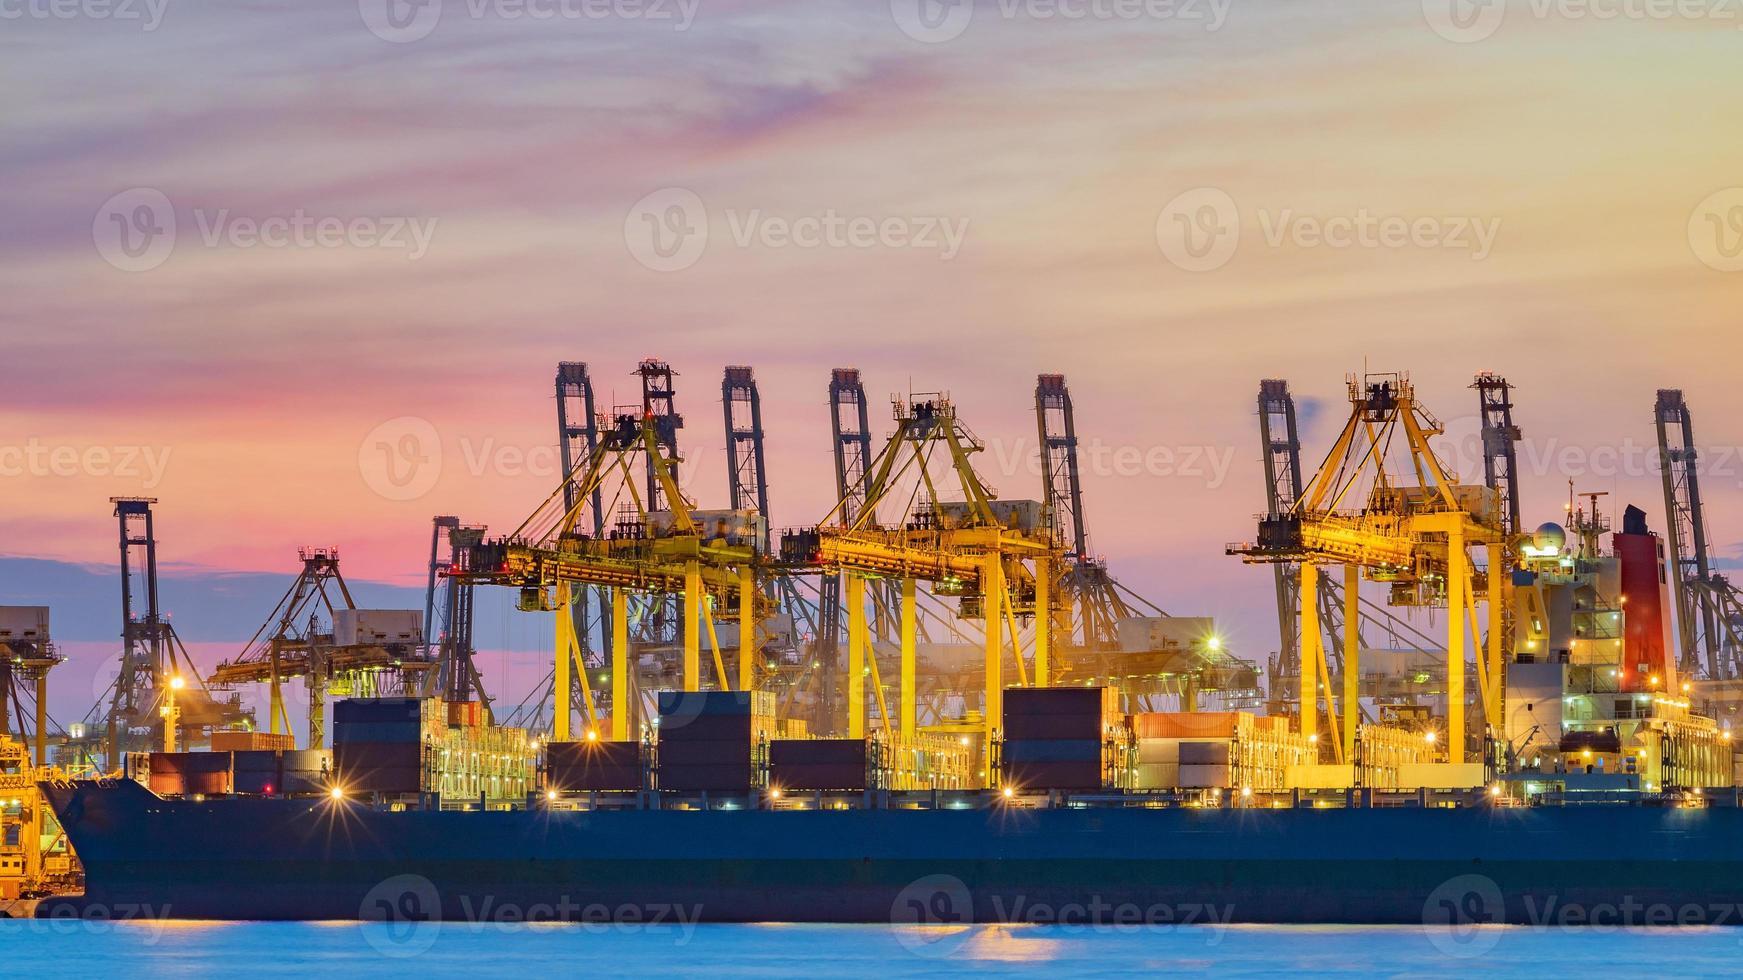 vrachtschip dat lading laadt bij laaddok in singapore bij schemering foto